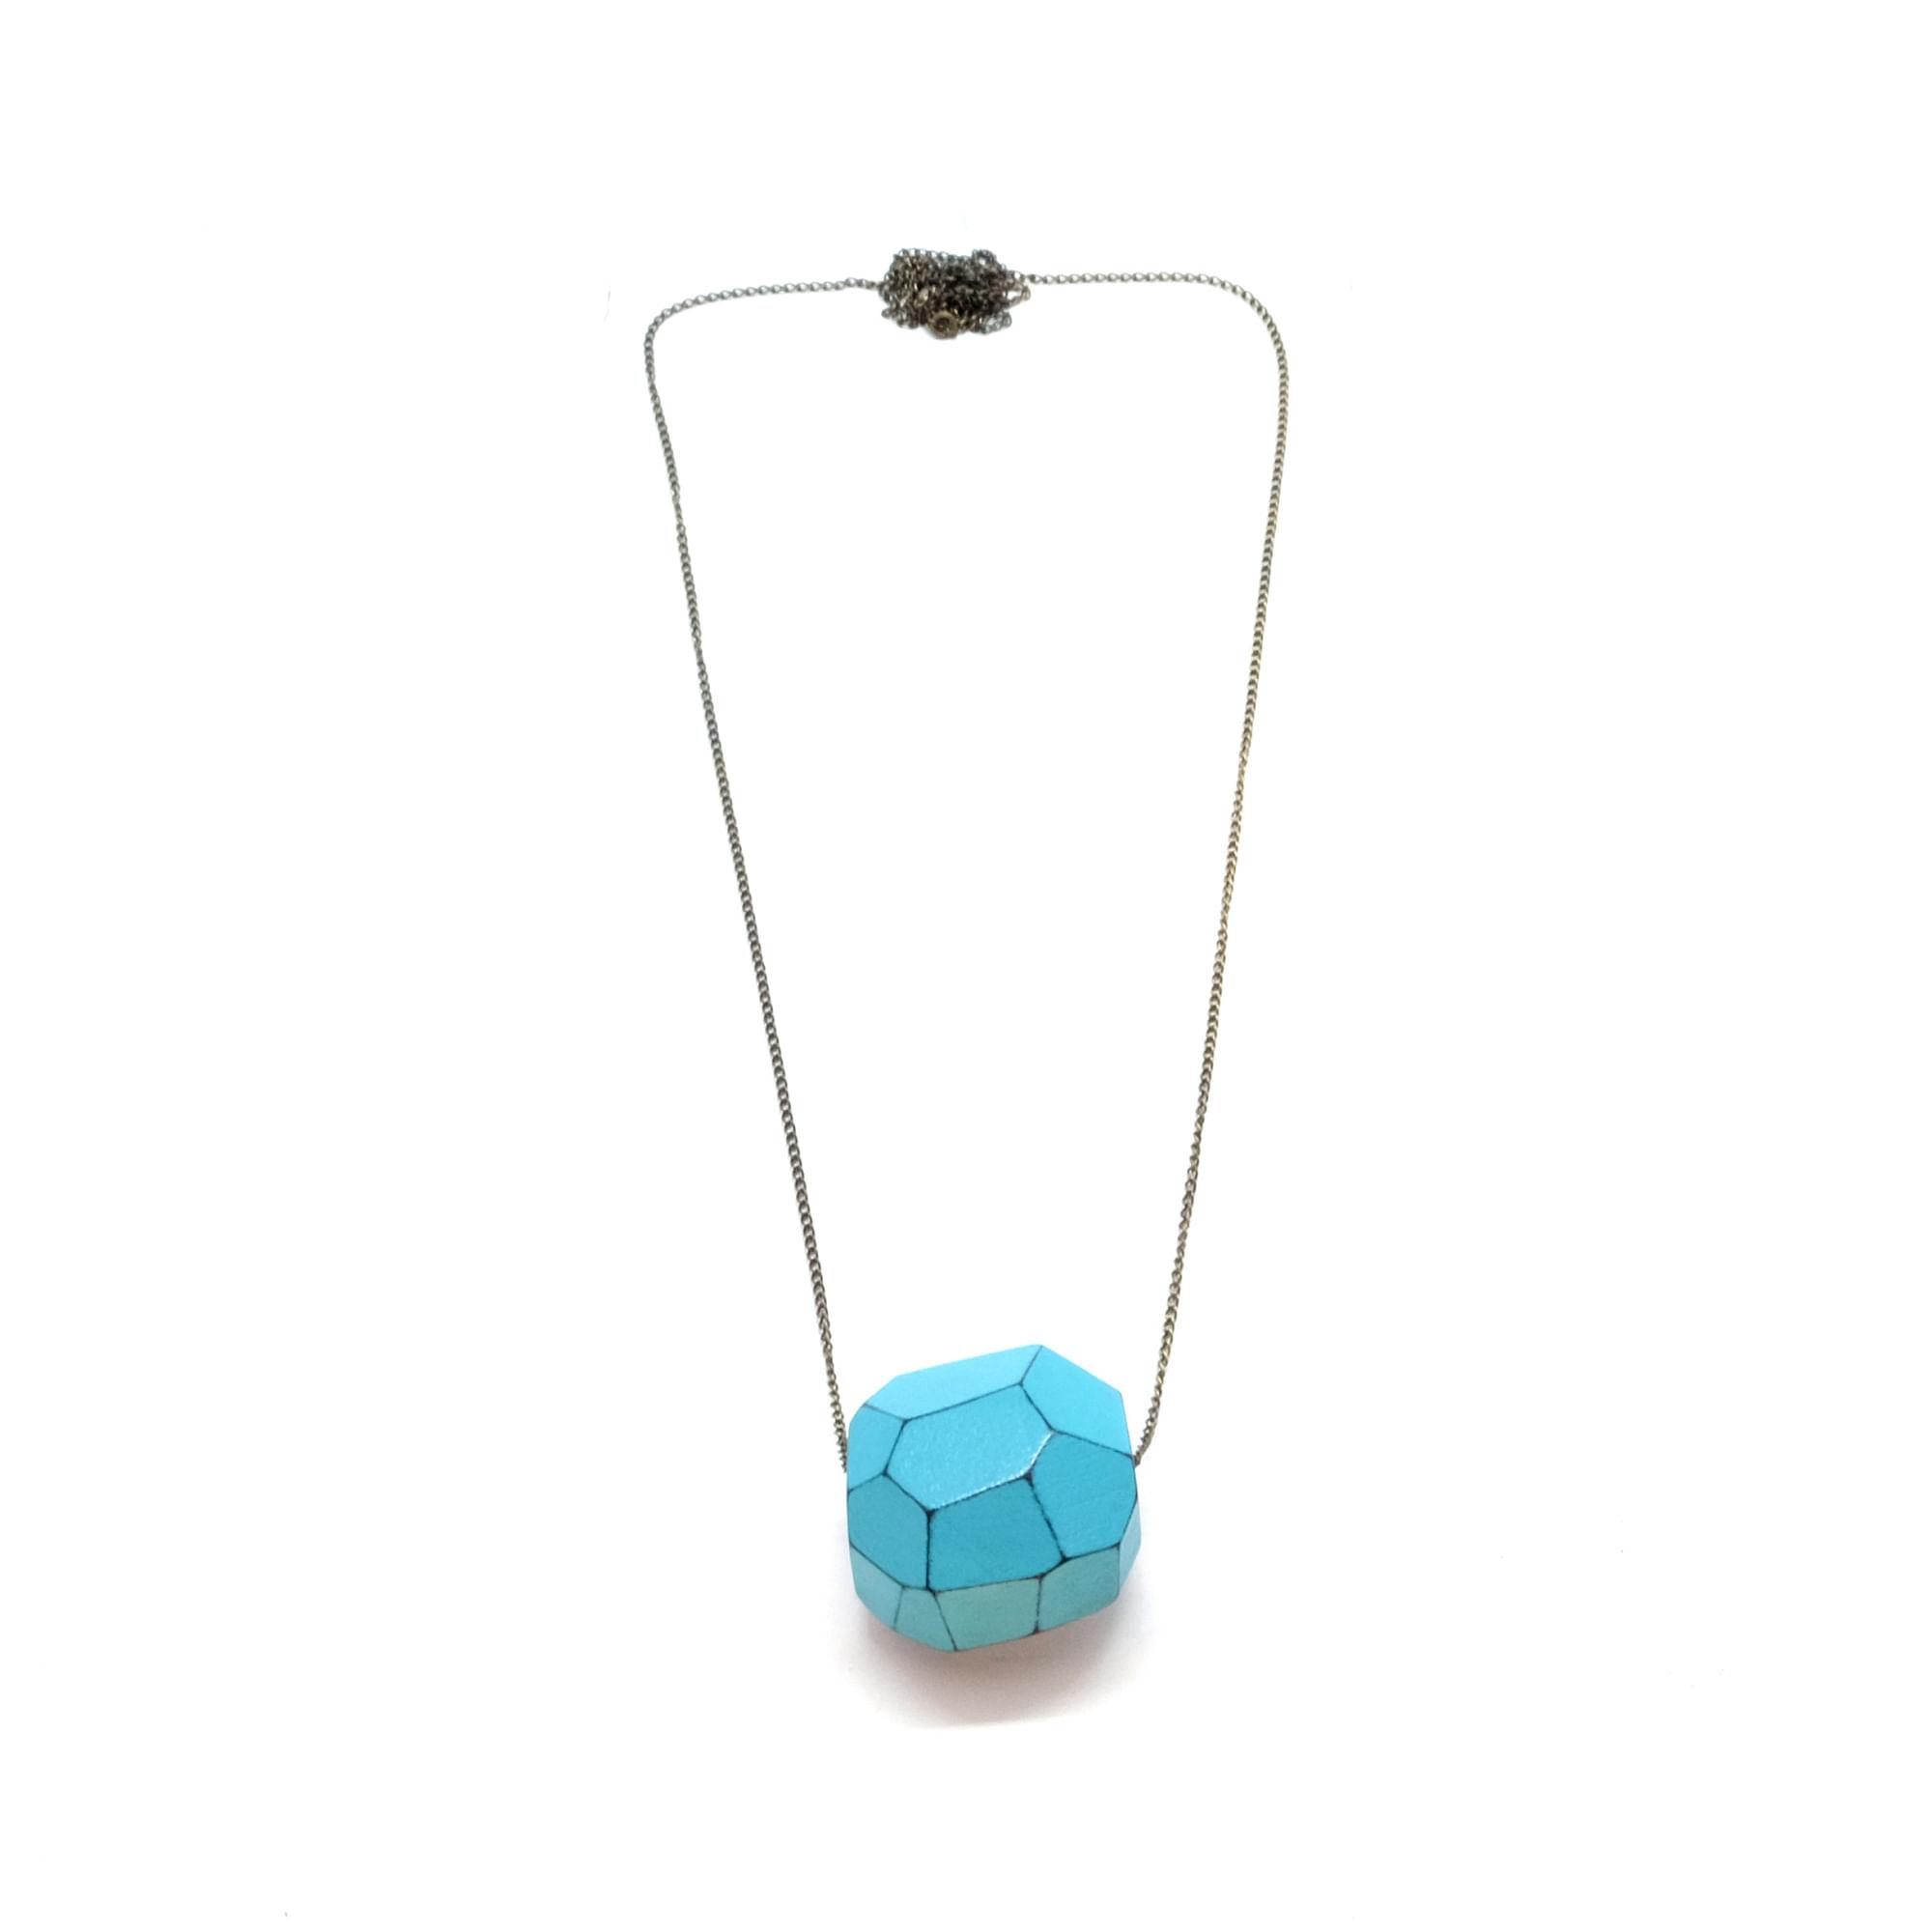 Colar-Facetado-Mini-Azul-Tamanho-Unico